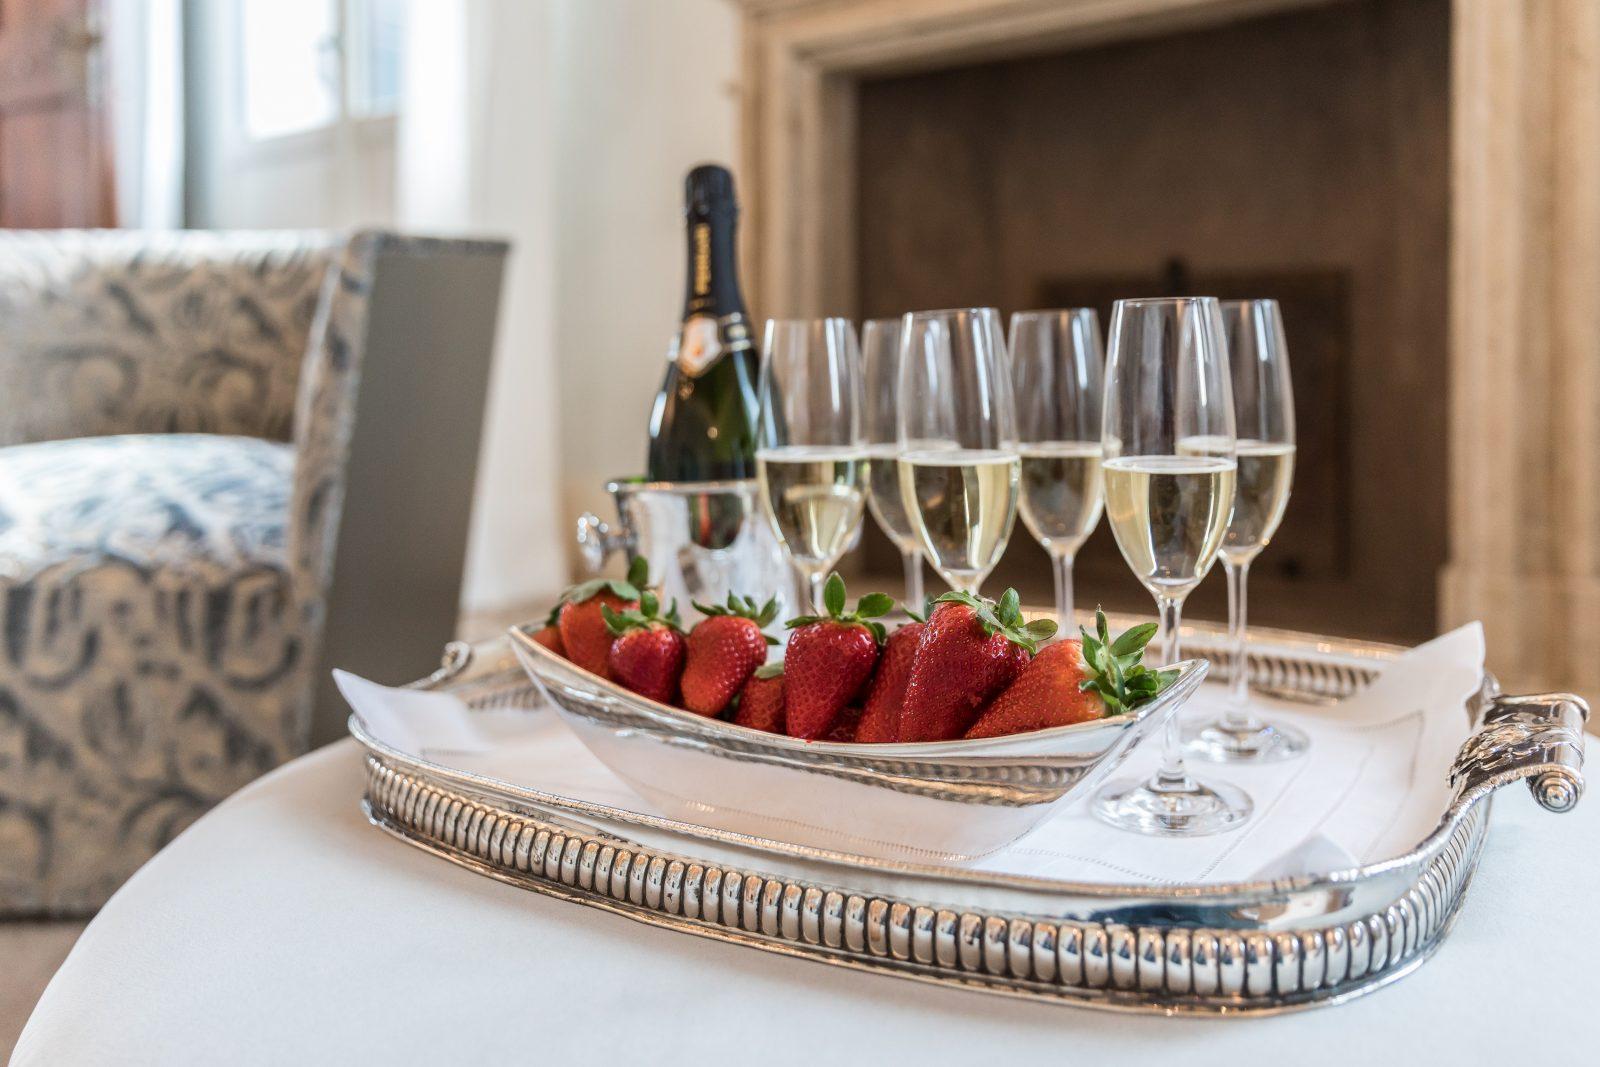 fragole-prosecco-appartamento-anice-dettaglio-vassoio-argento-lusso-dettagli-venezia-palazzo-morosini